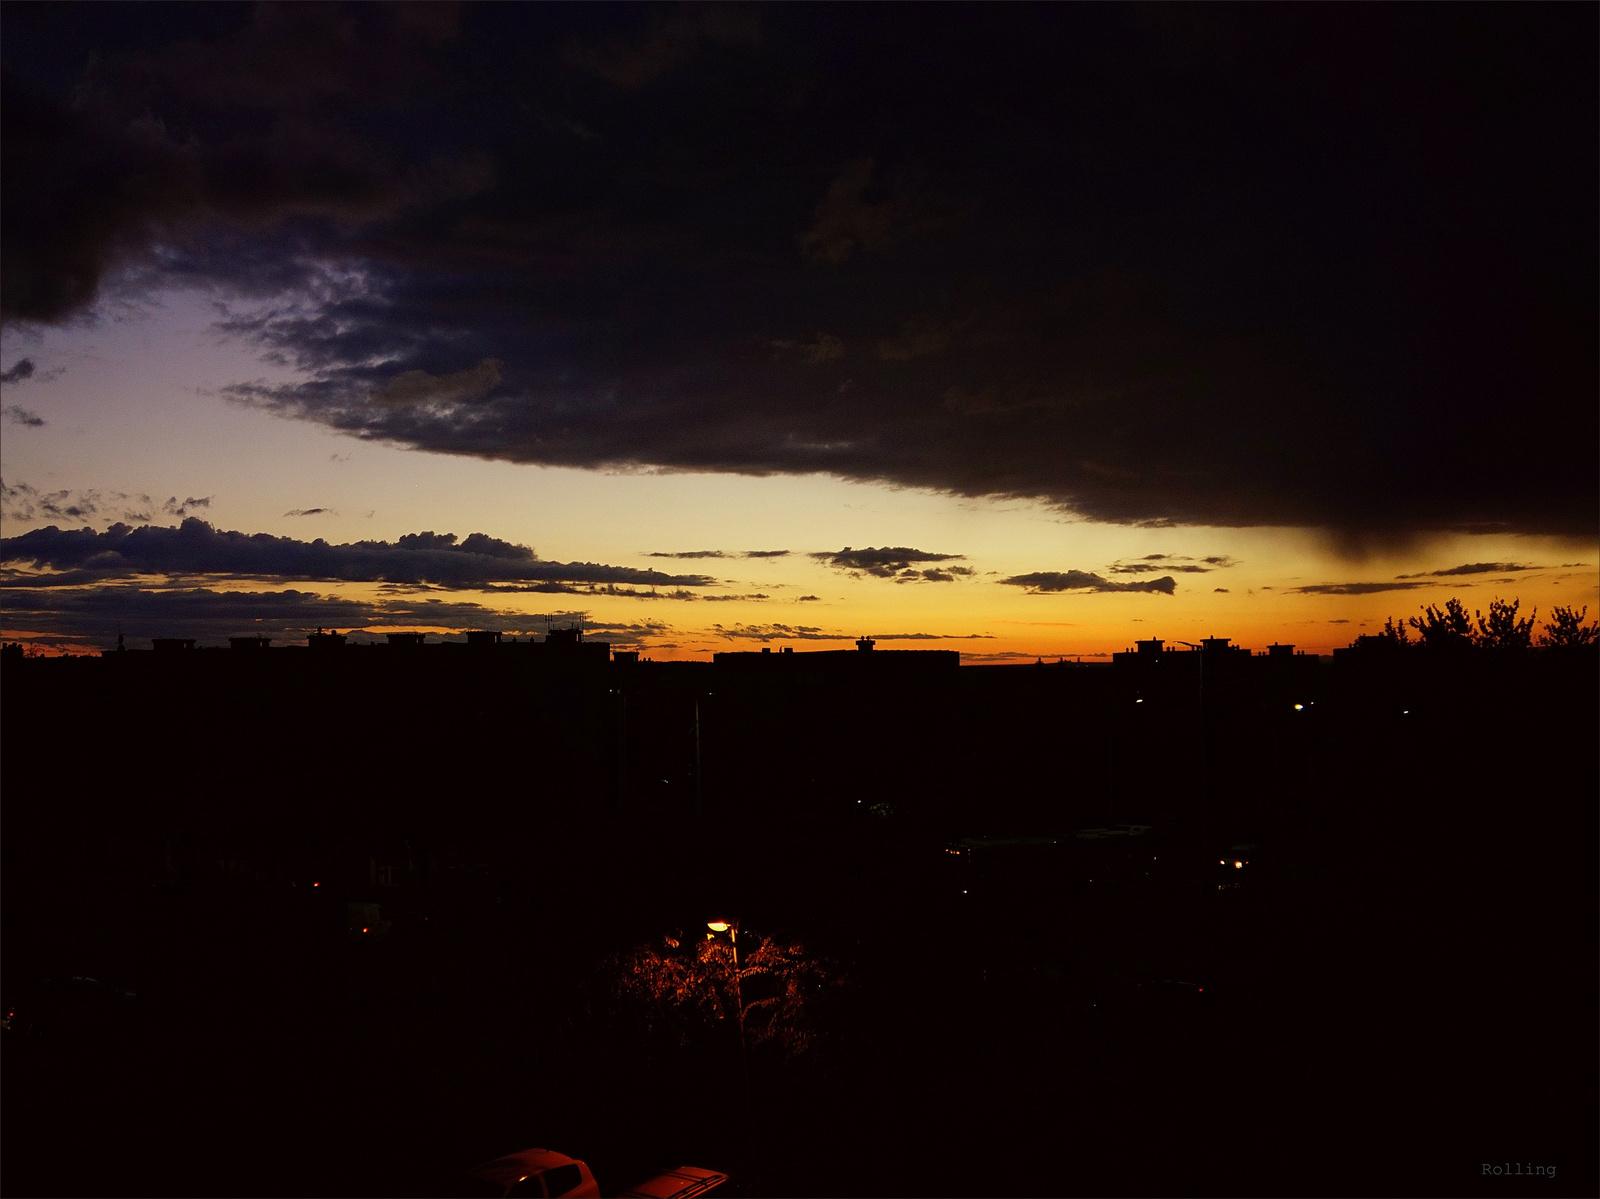 Fekete felhők közt.